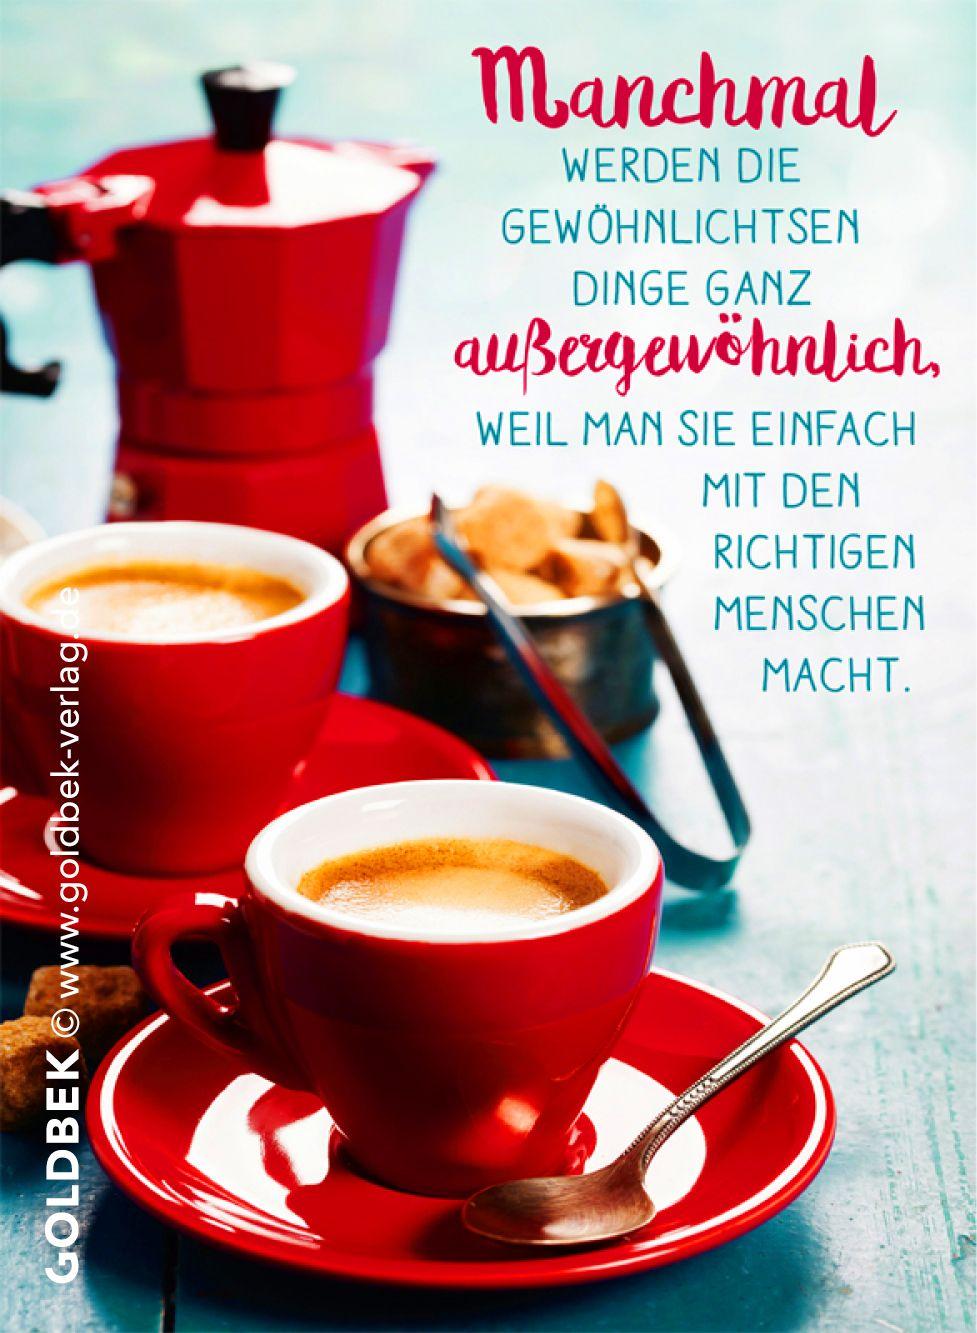 Postkarten Kaffee Man sollte öfter mal einfach mit einem lieben